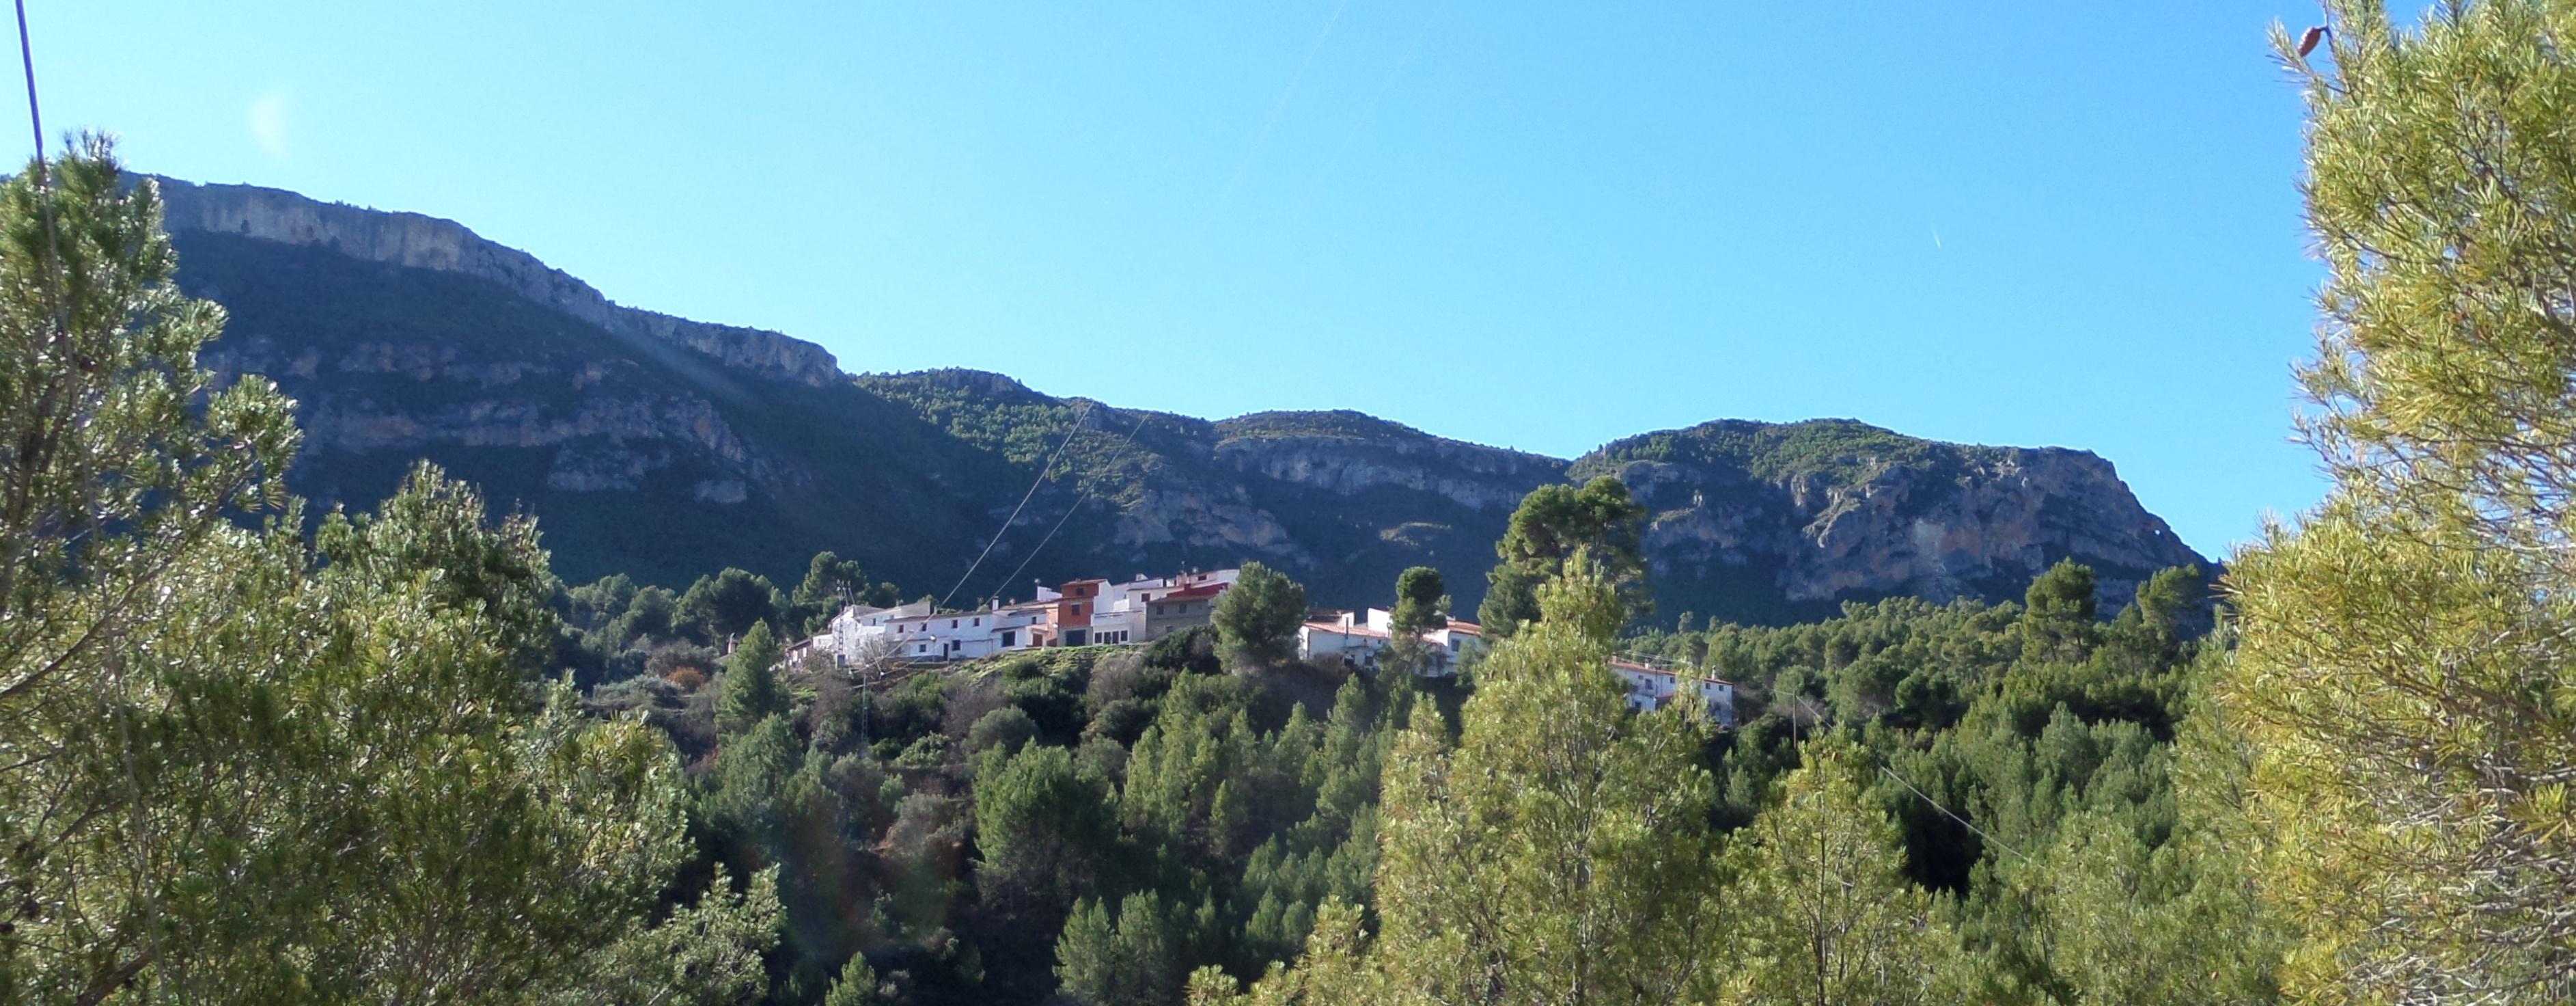 Cerro de Rala